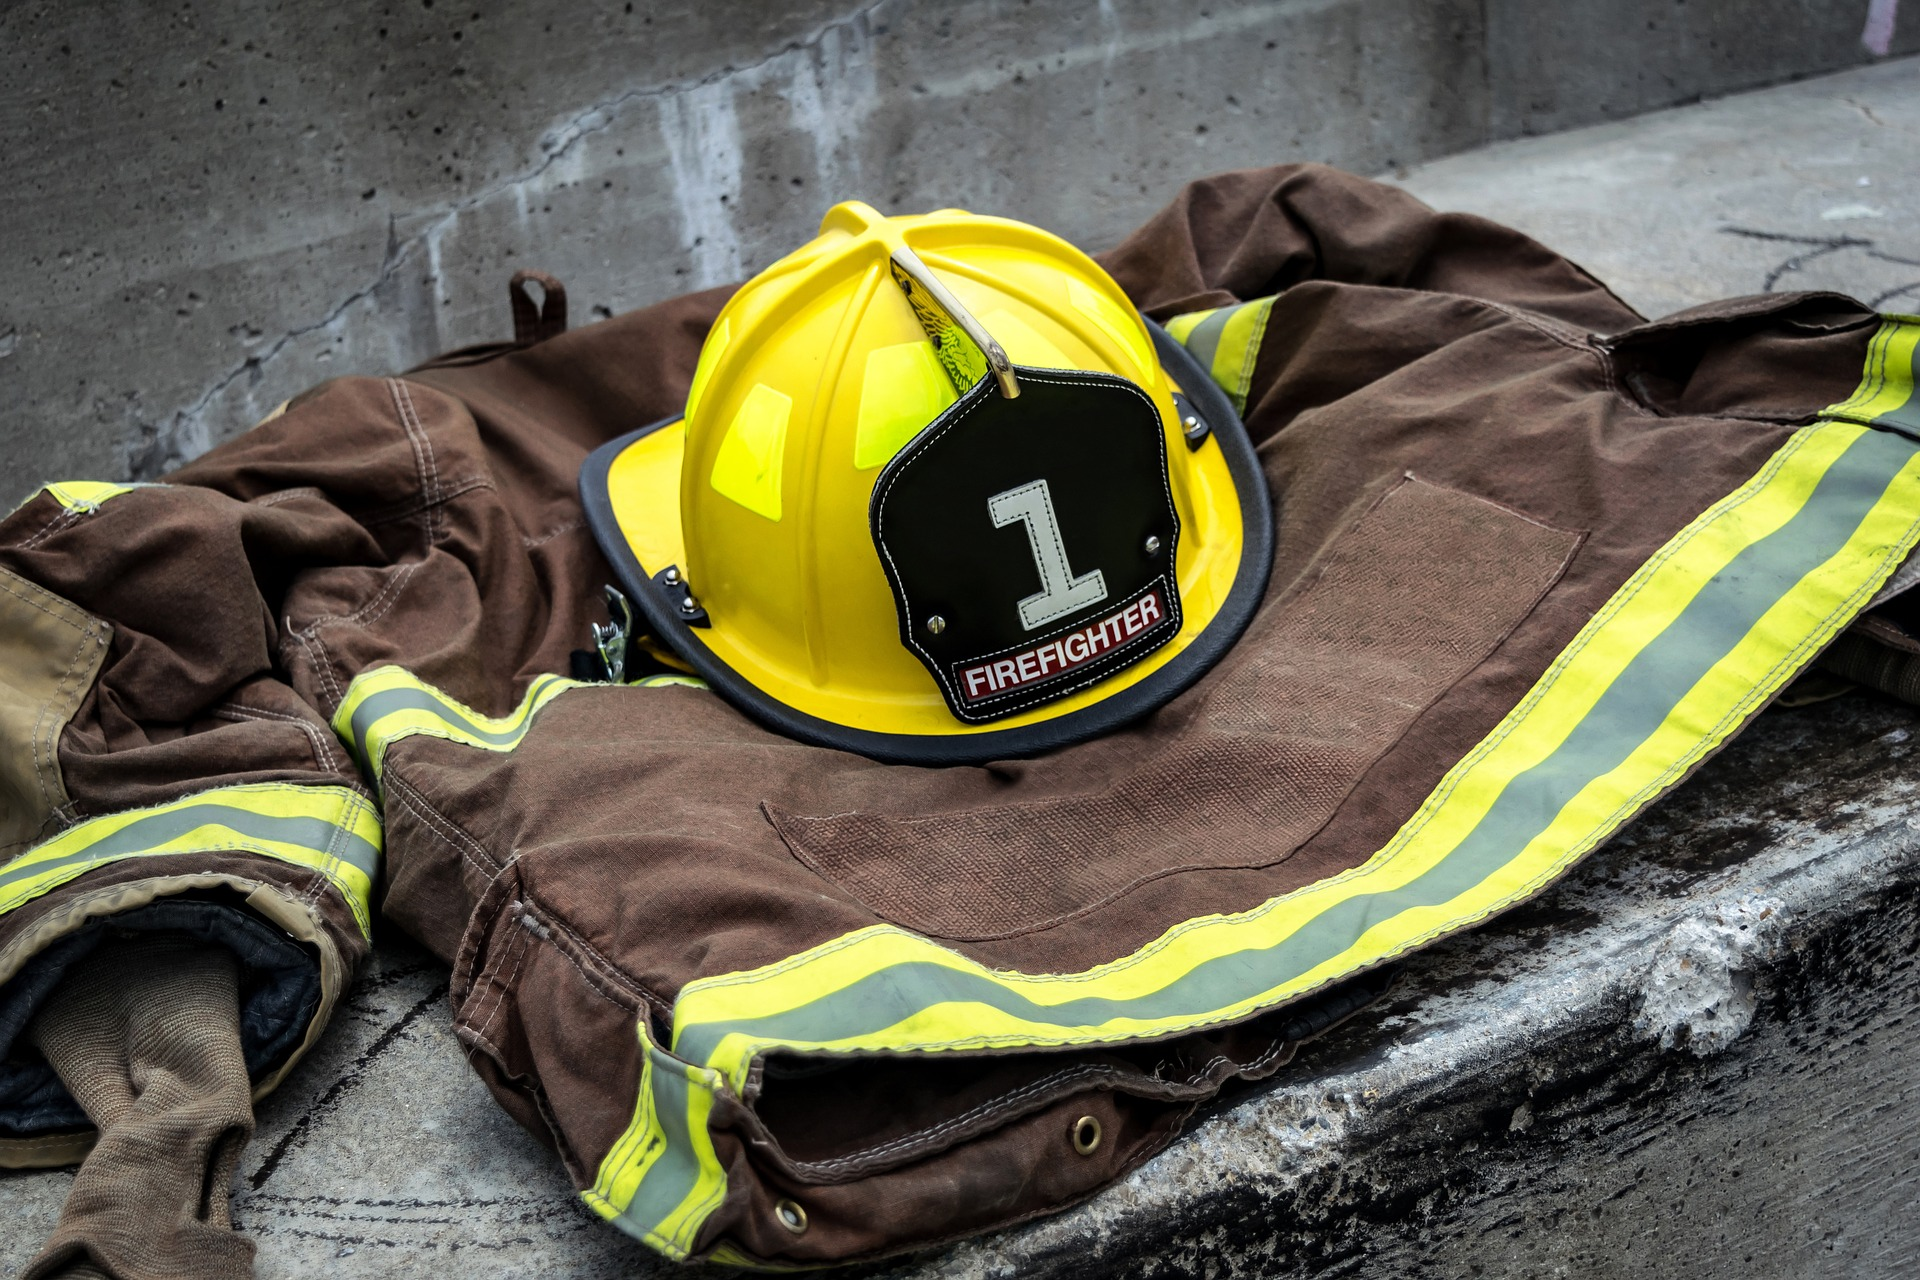 Πυροσβέστης, είδη ένδυσης, εργασία, Ήρωας, στολή - Wallpapers HD - Professor-falken.com